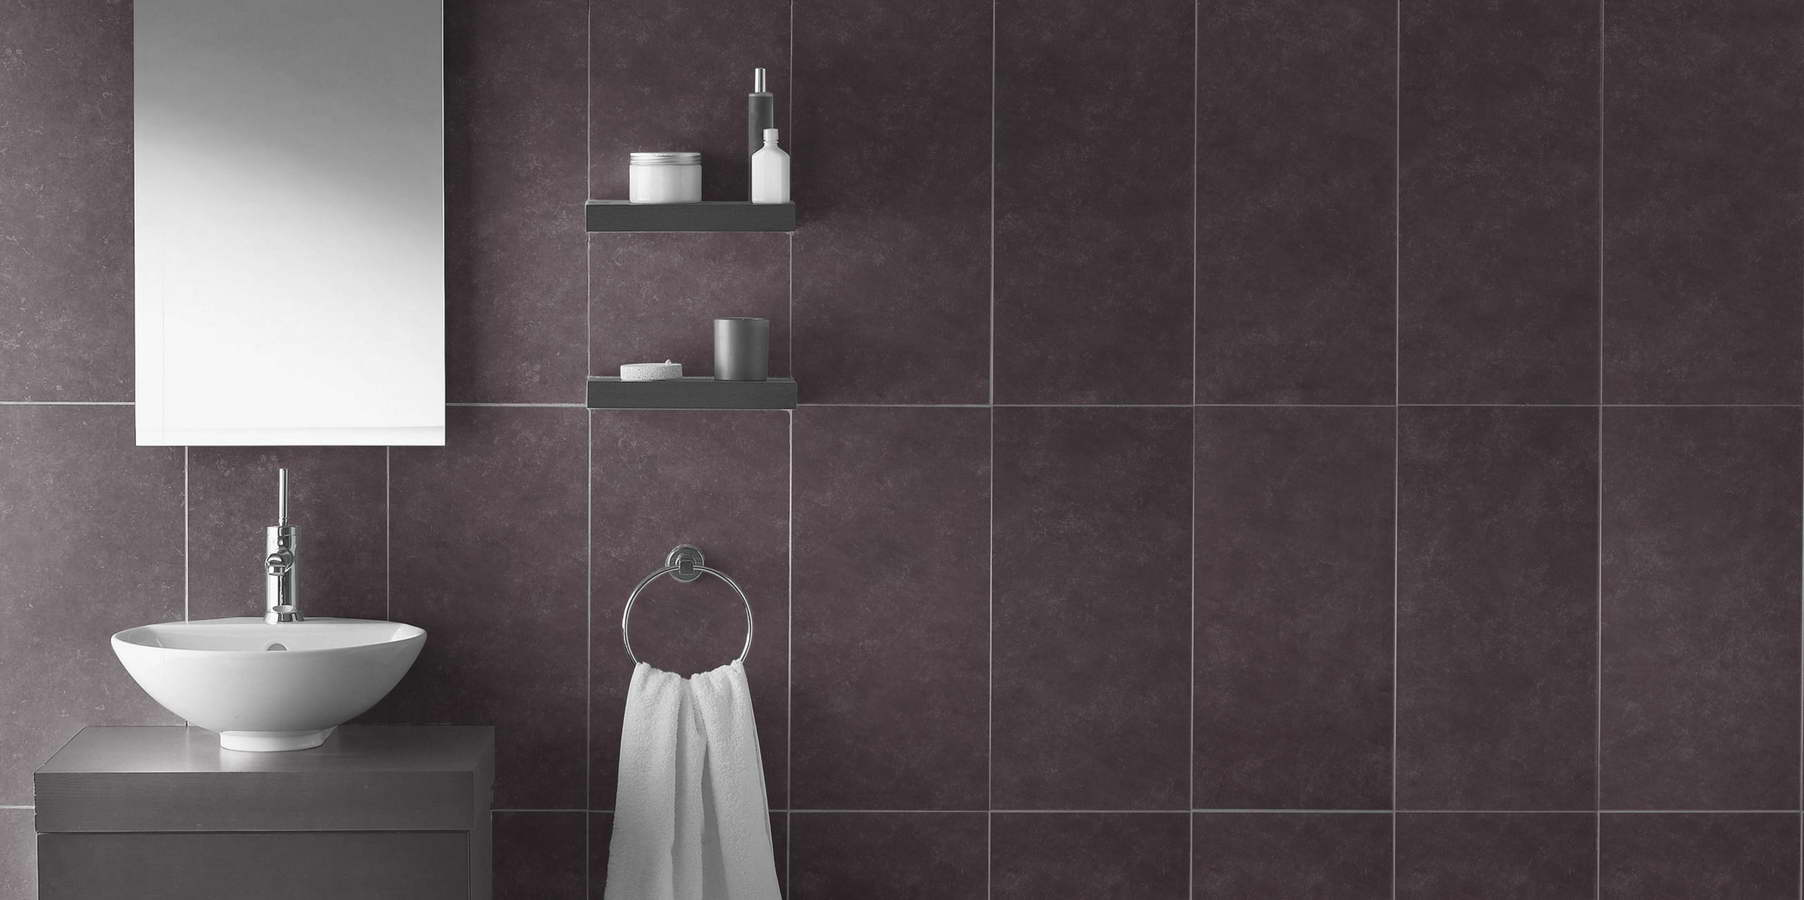 Design di interni bagno in ardesia viola rivestimento pareti piastrelle balfin stone - Piastrelle viola bagno ...